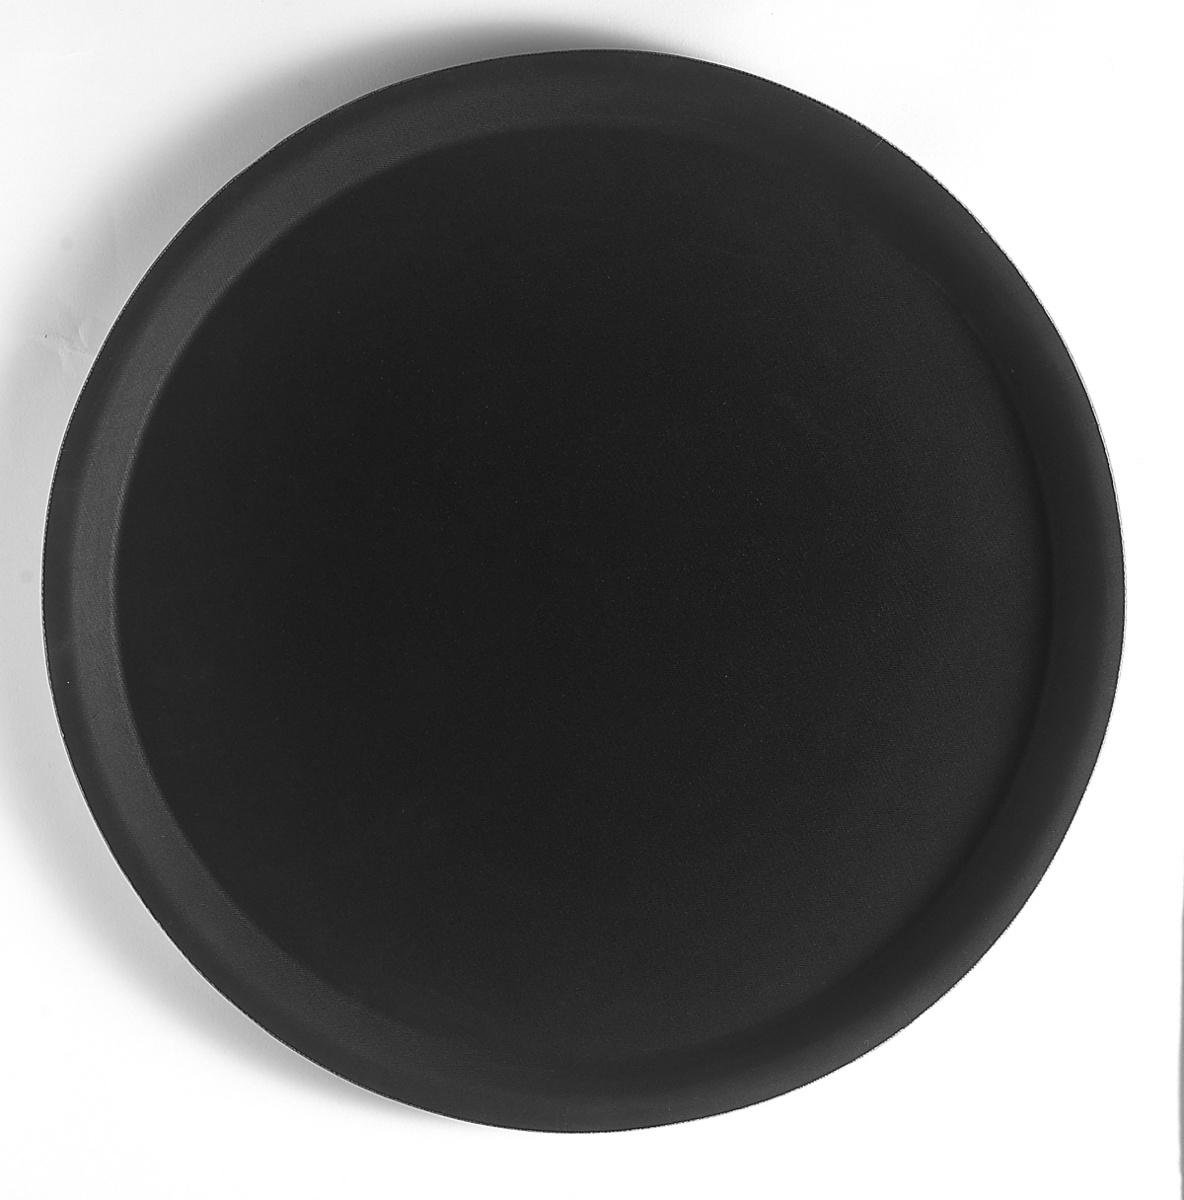 Plateau anti-dérapant rond noir plastique bord droit Camtread Cambro